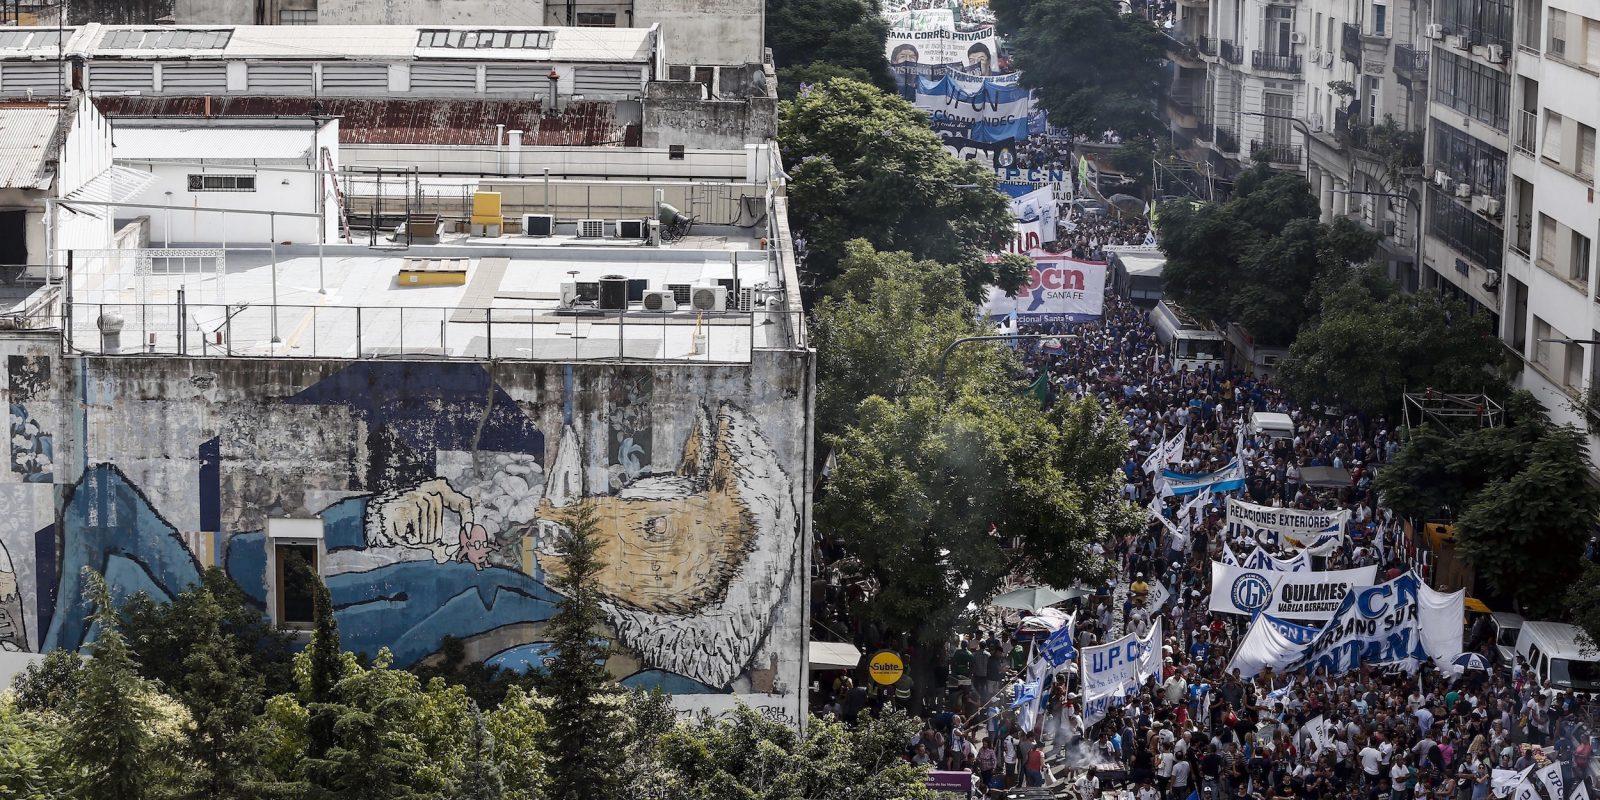 © www.agustinmarcarian.com. Imagen Por: Miles de personas marchan durante una protesta en Buenos Aires. La principal central de trabajadores convocó a la gente a salir las calles de la capital para protestar contra el cierre de fábricas y despidos que le atribuyen a la reapertura de la economía impulsada por el presidente Mauricio Macri. / Foto: AP